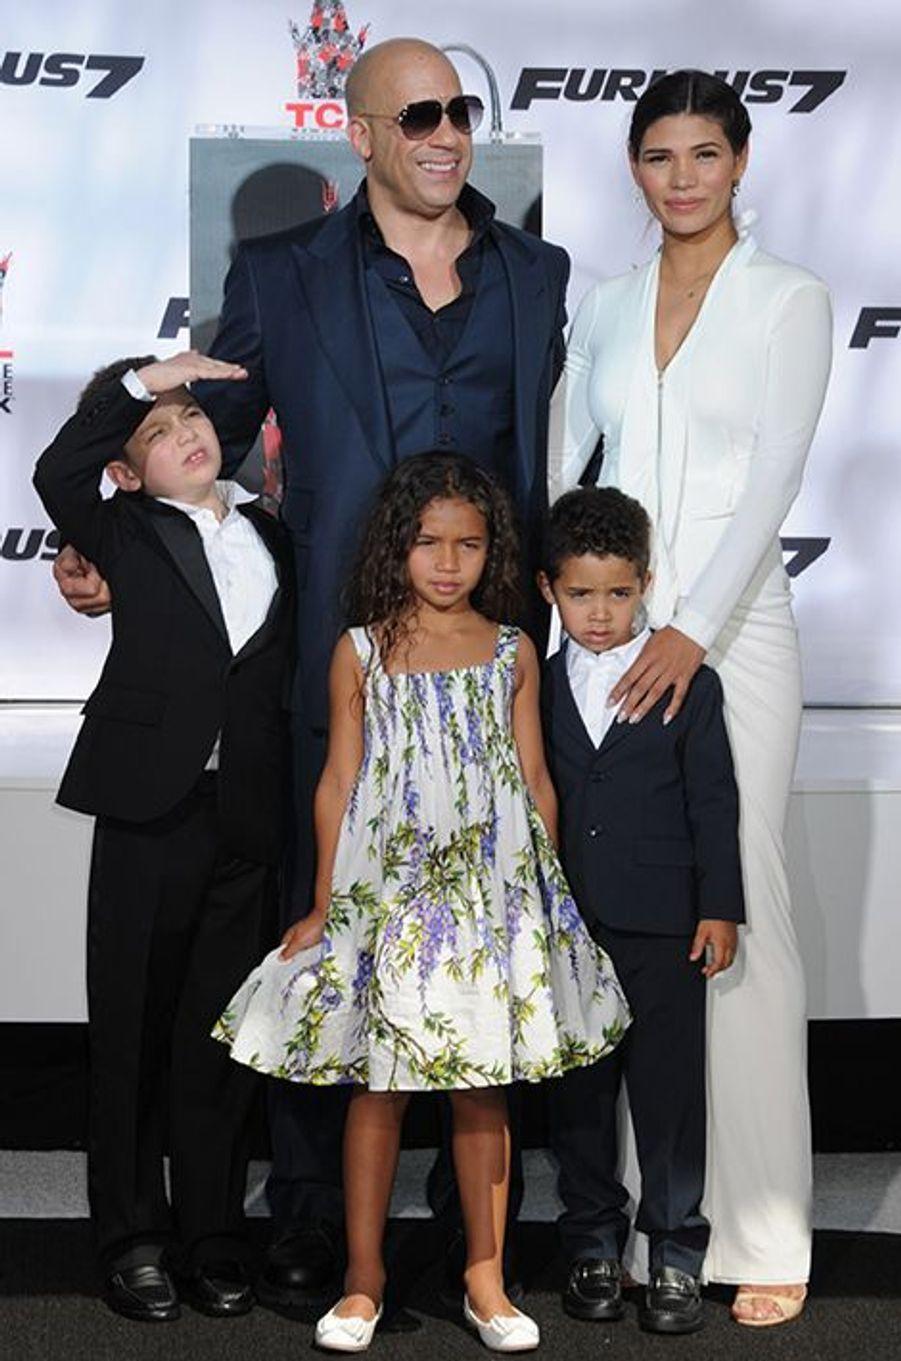 Vin Diesel, entouré de sa compagne et de leurs enfants, à Los Angeles le 1er avril 2015